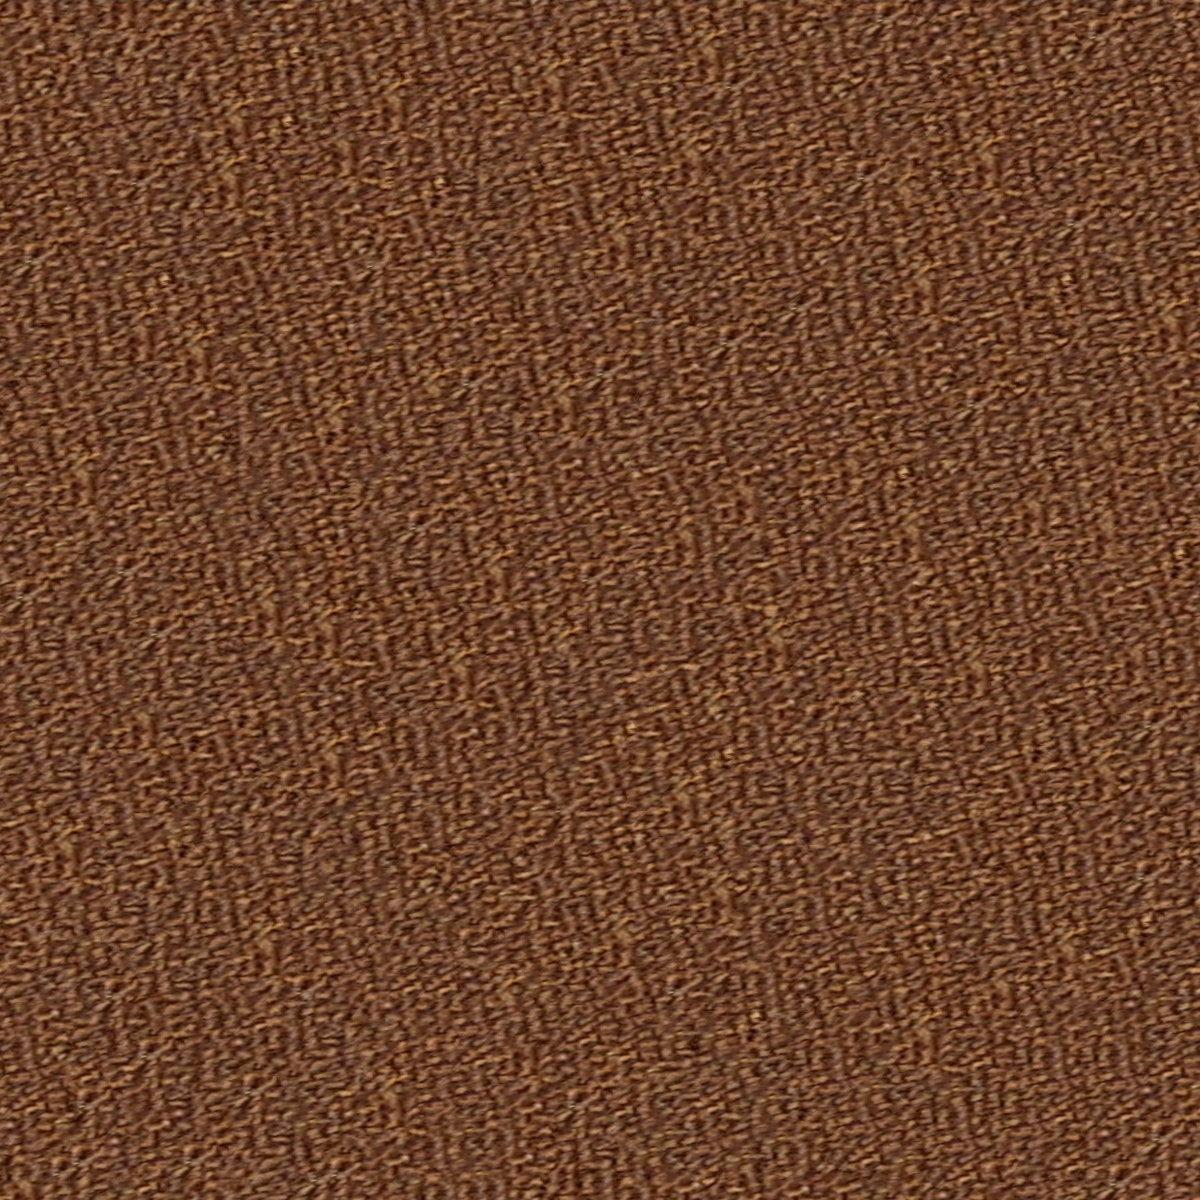 tileable carpet texture. Perfect Texture Seamless Carpet Textures 01 In Tileable Texture